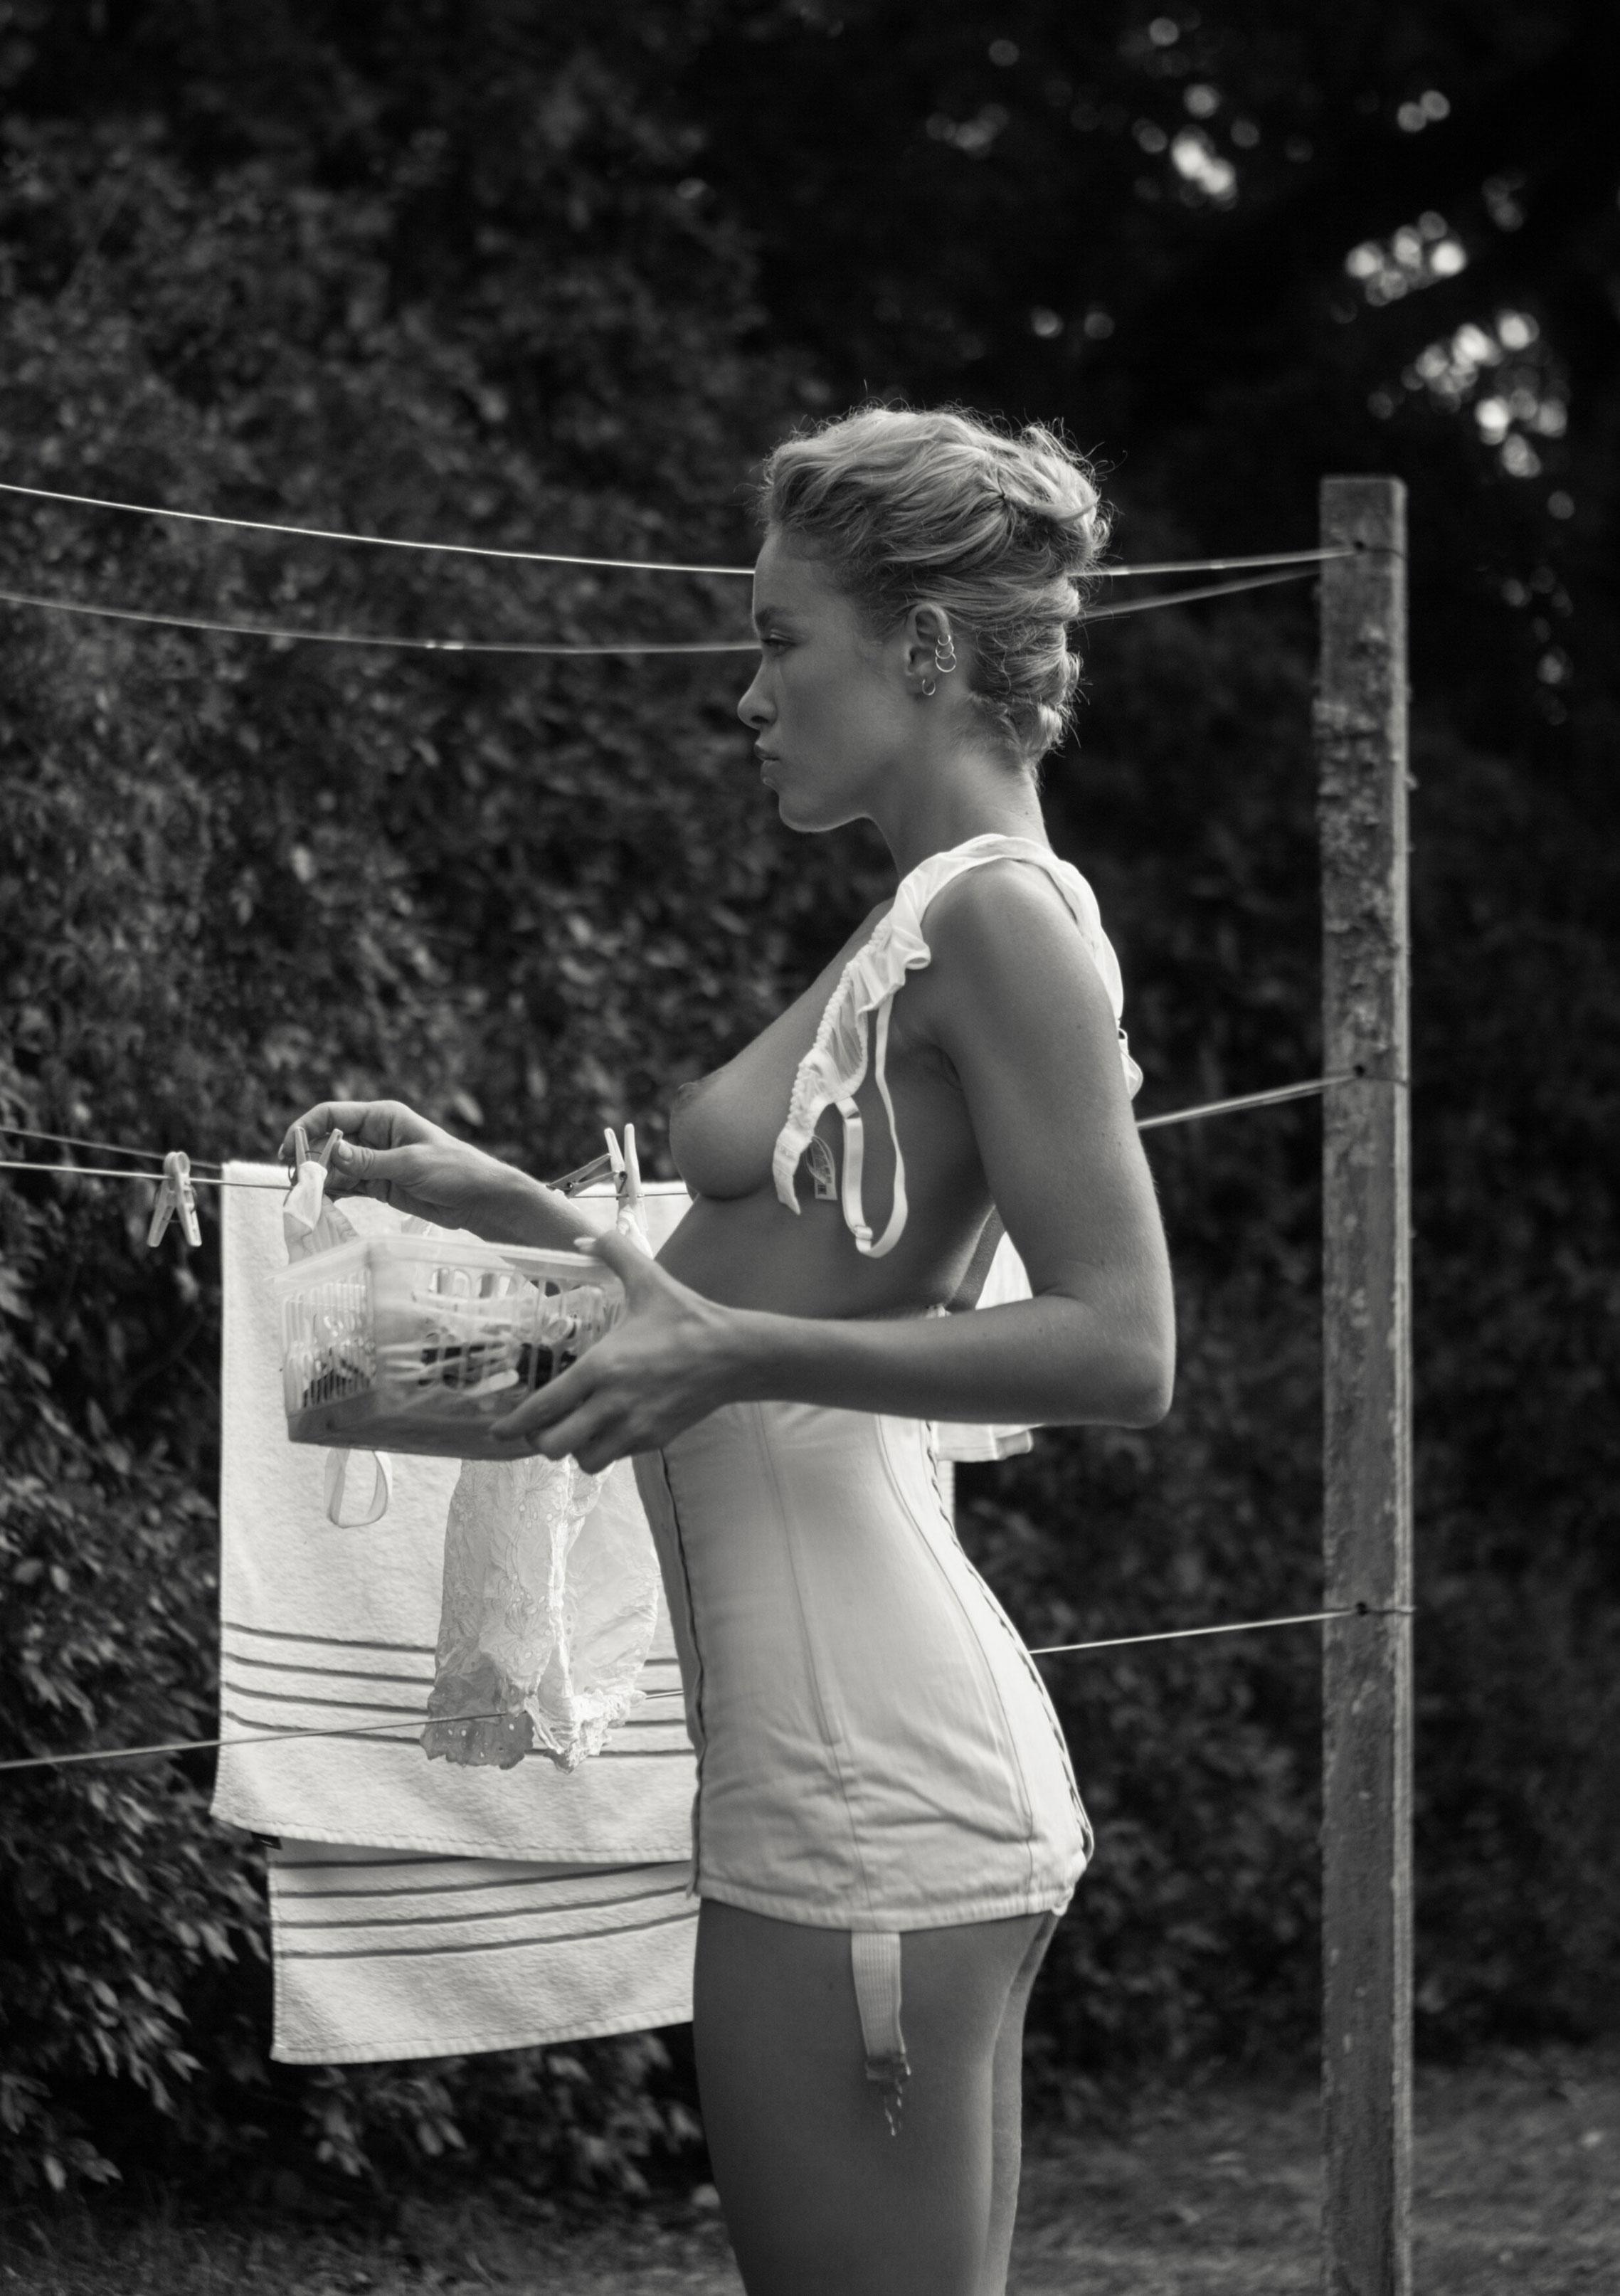 Сексуальная Вика занимается стиркой на заднем дворе / фото 08